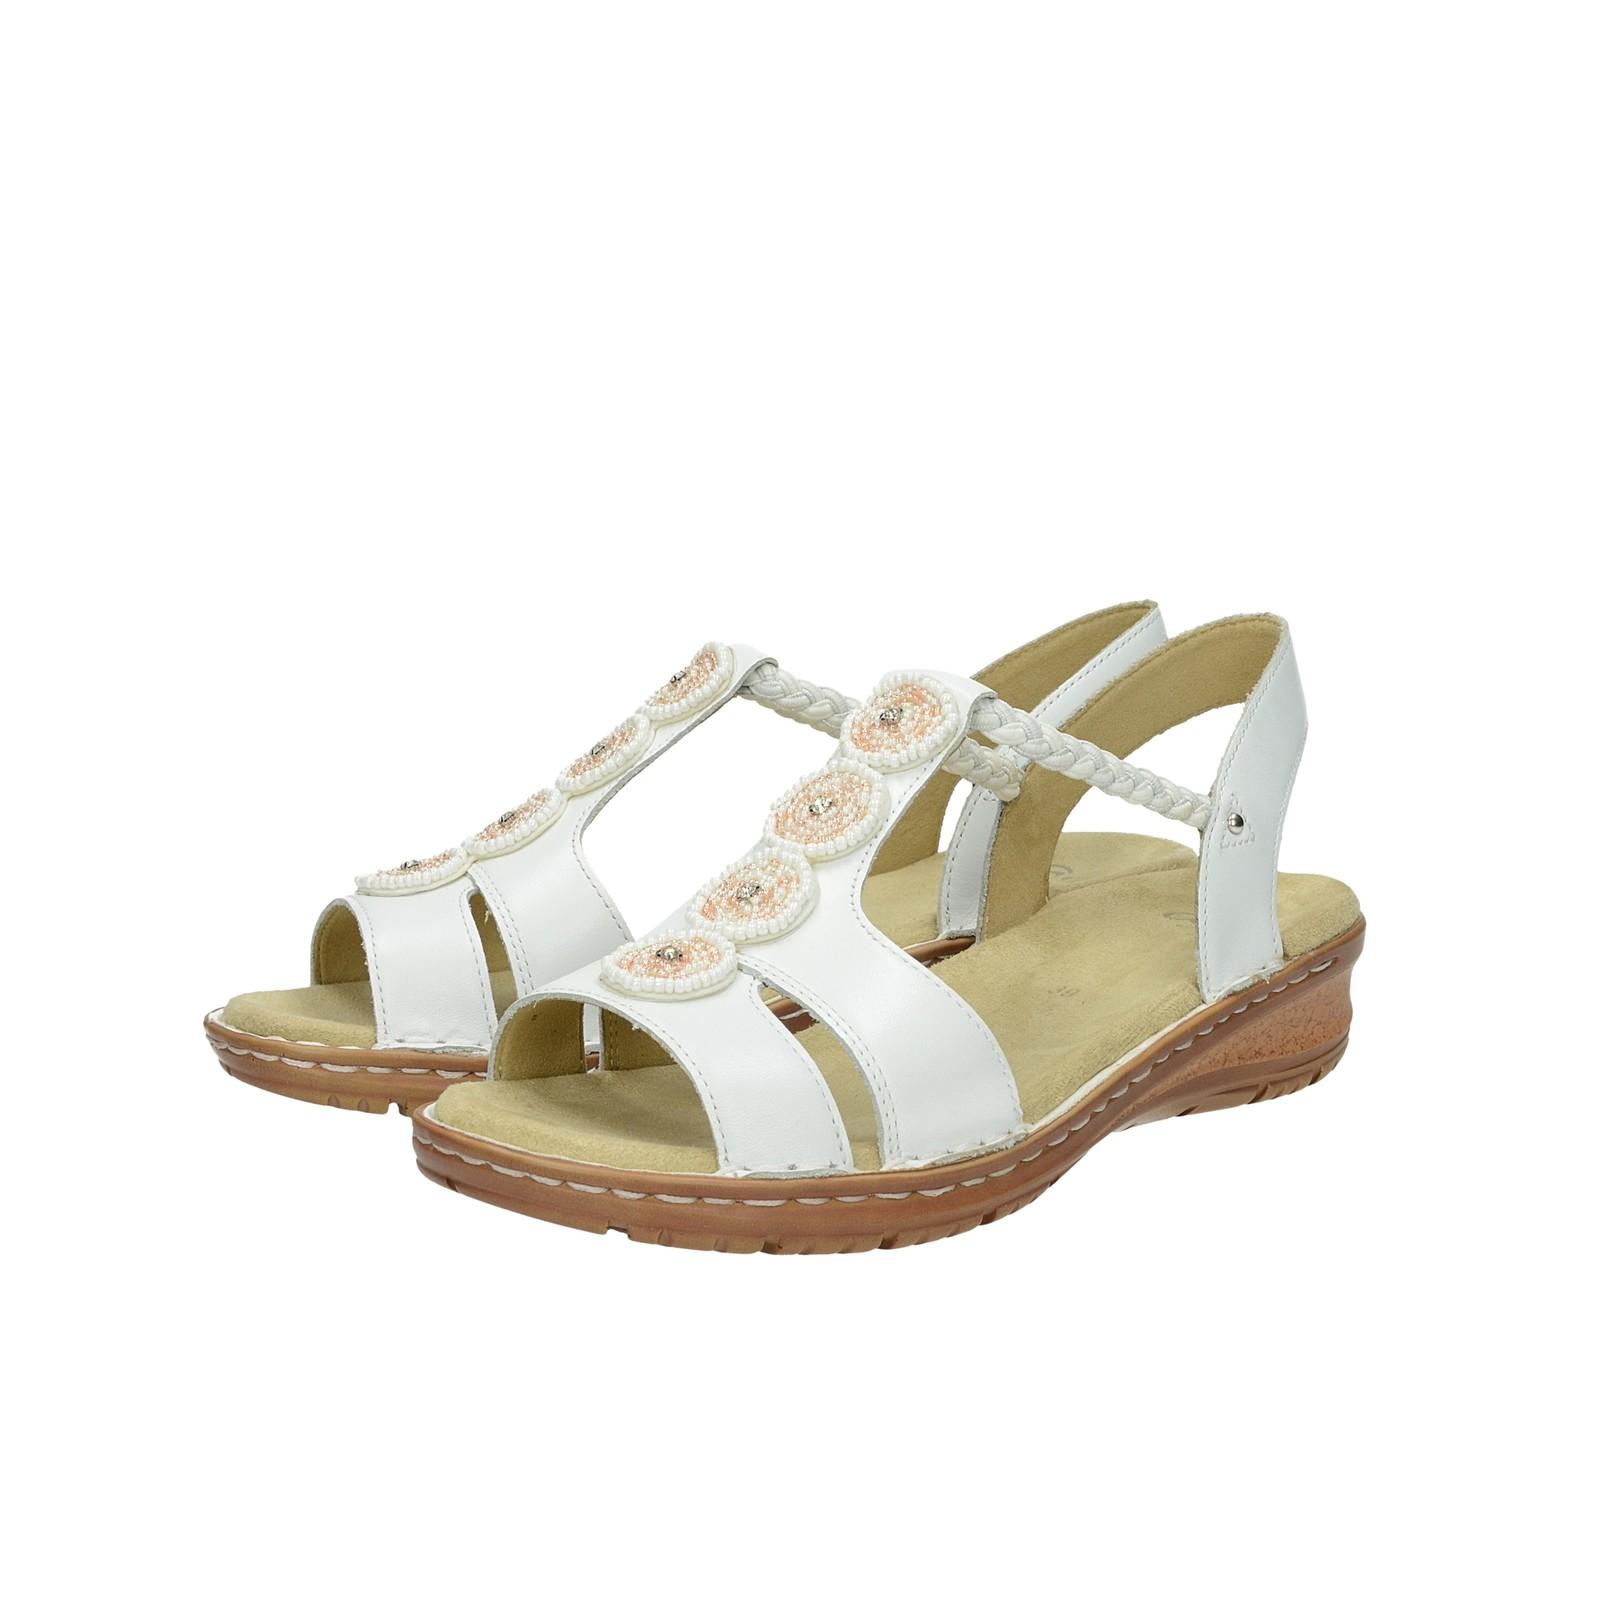 1d0d664e8ae9 Ara dámske kožené sandále s ozdobnými kamienkami - biele ...